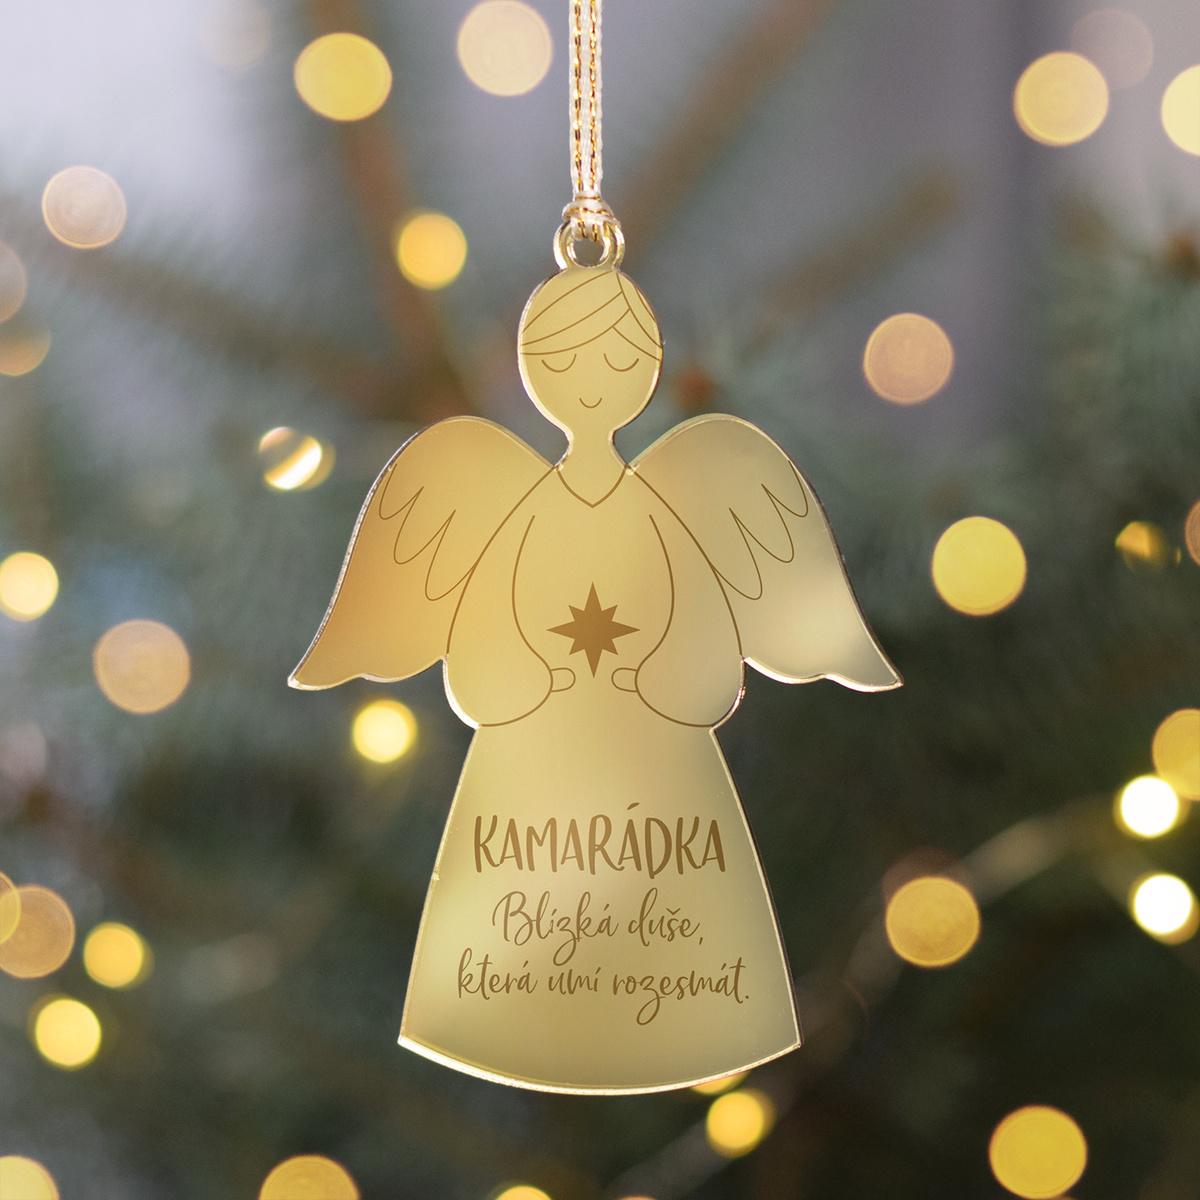 HOUSEDECOR Zlatá ozdoba anděl - Kamarádka